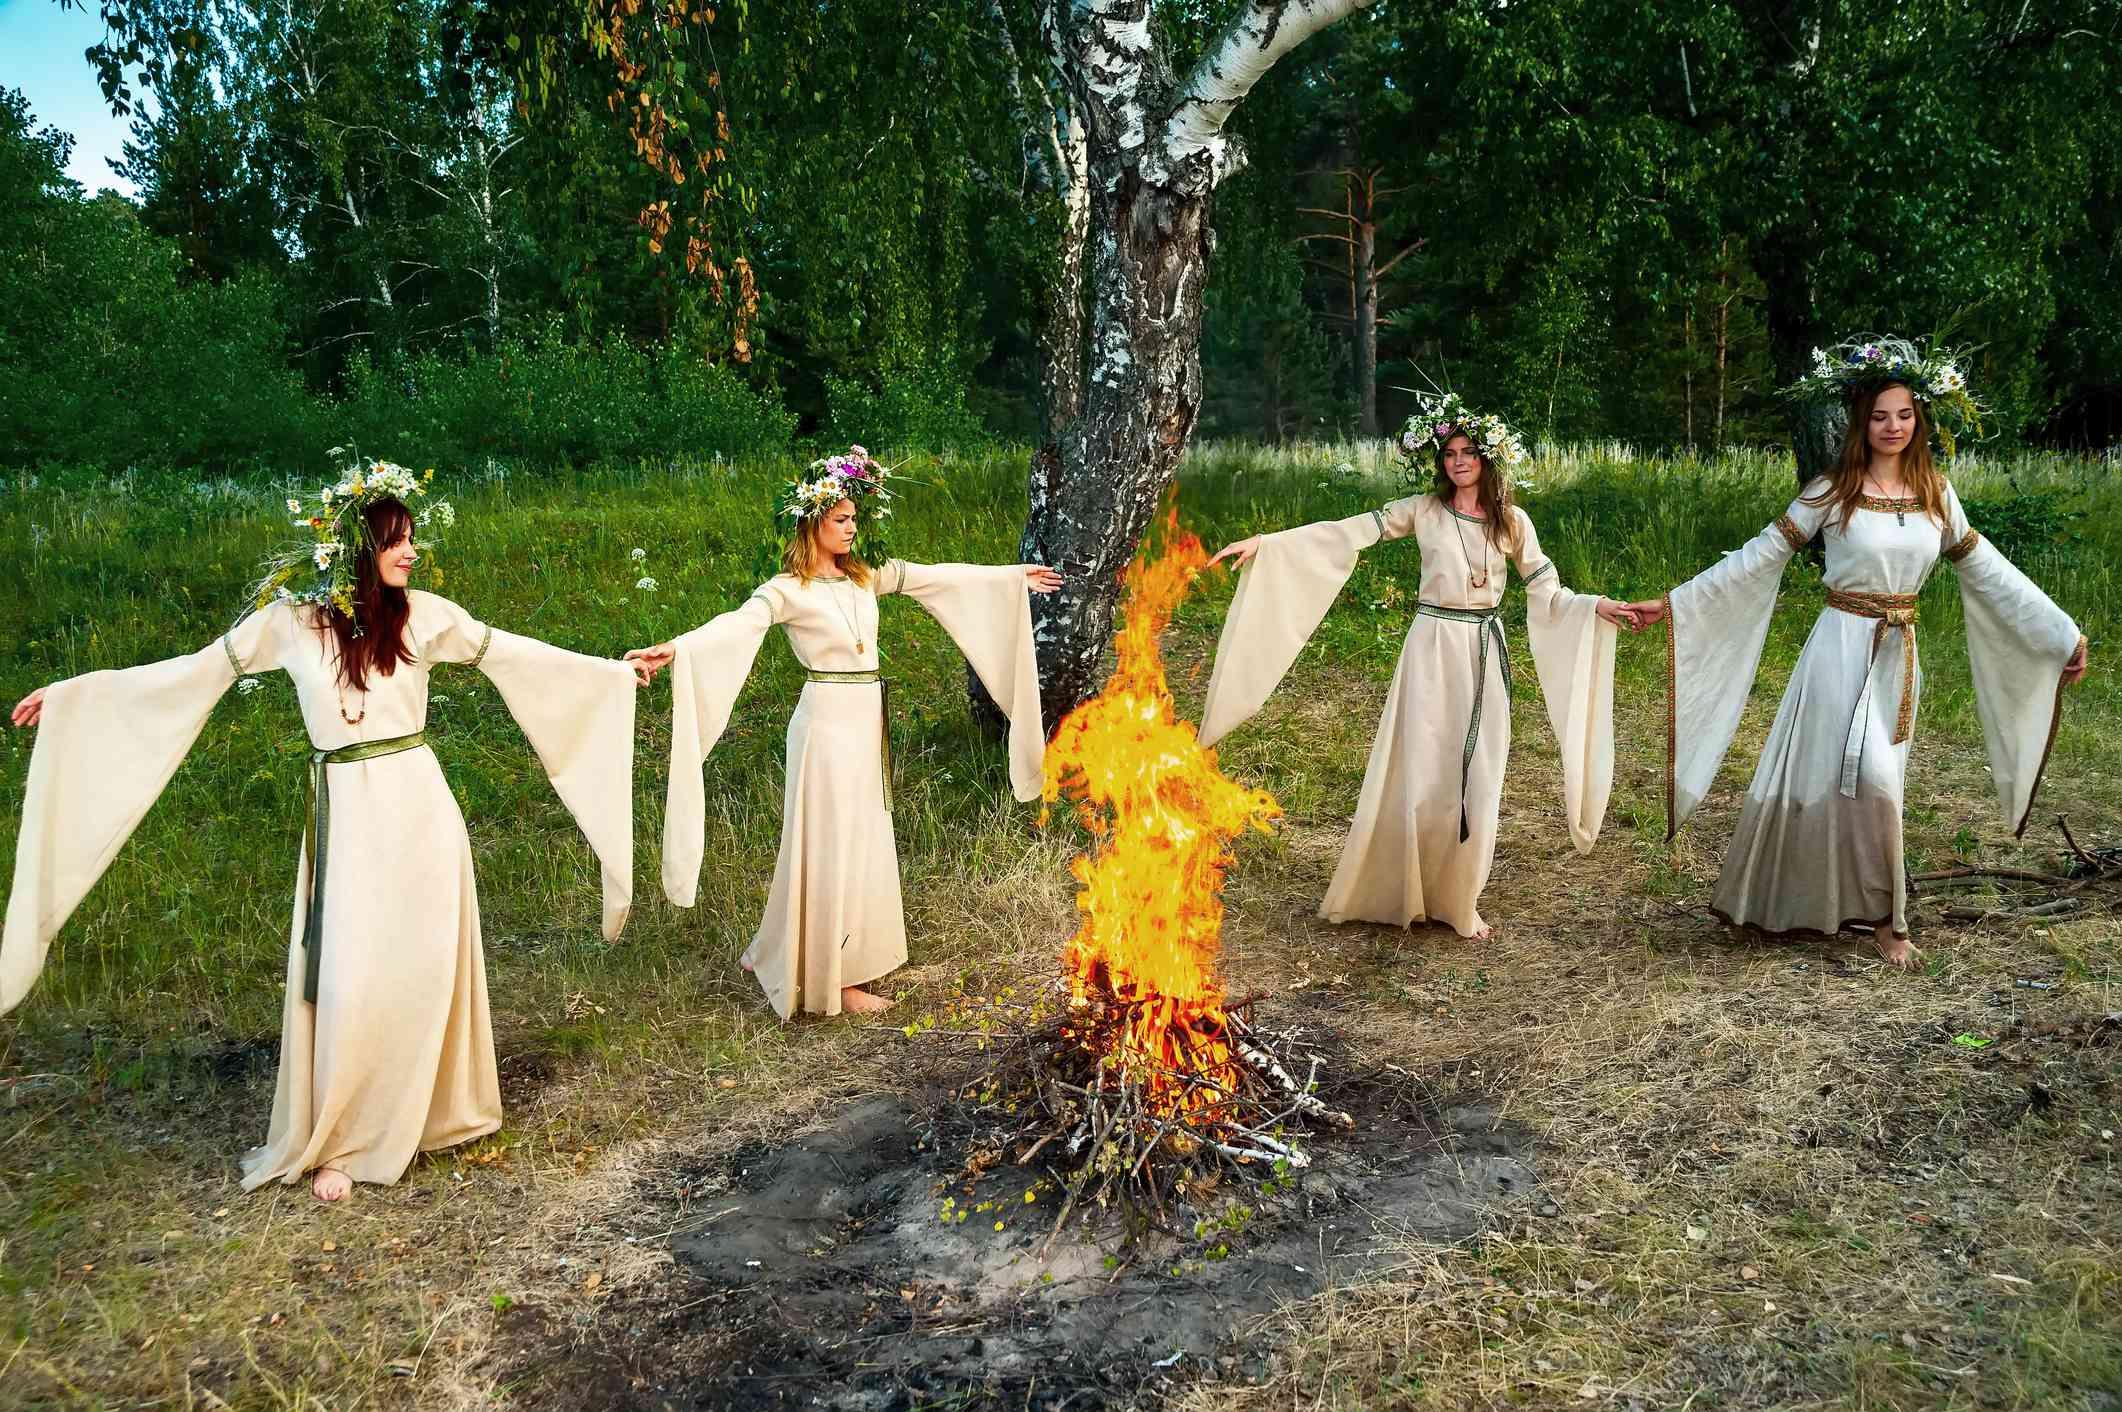 Women with flower wreath near bonfire